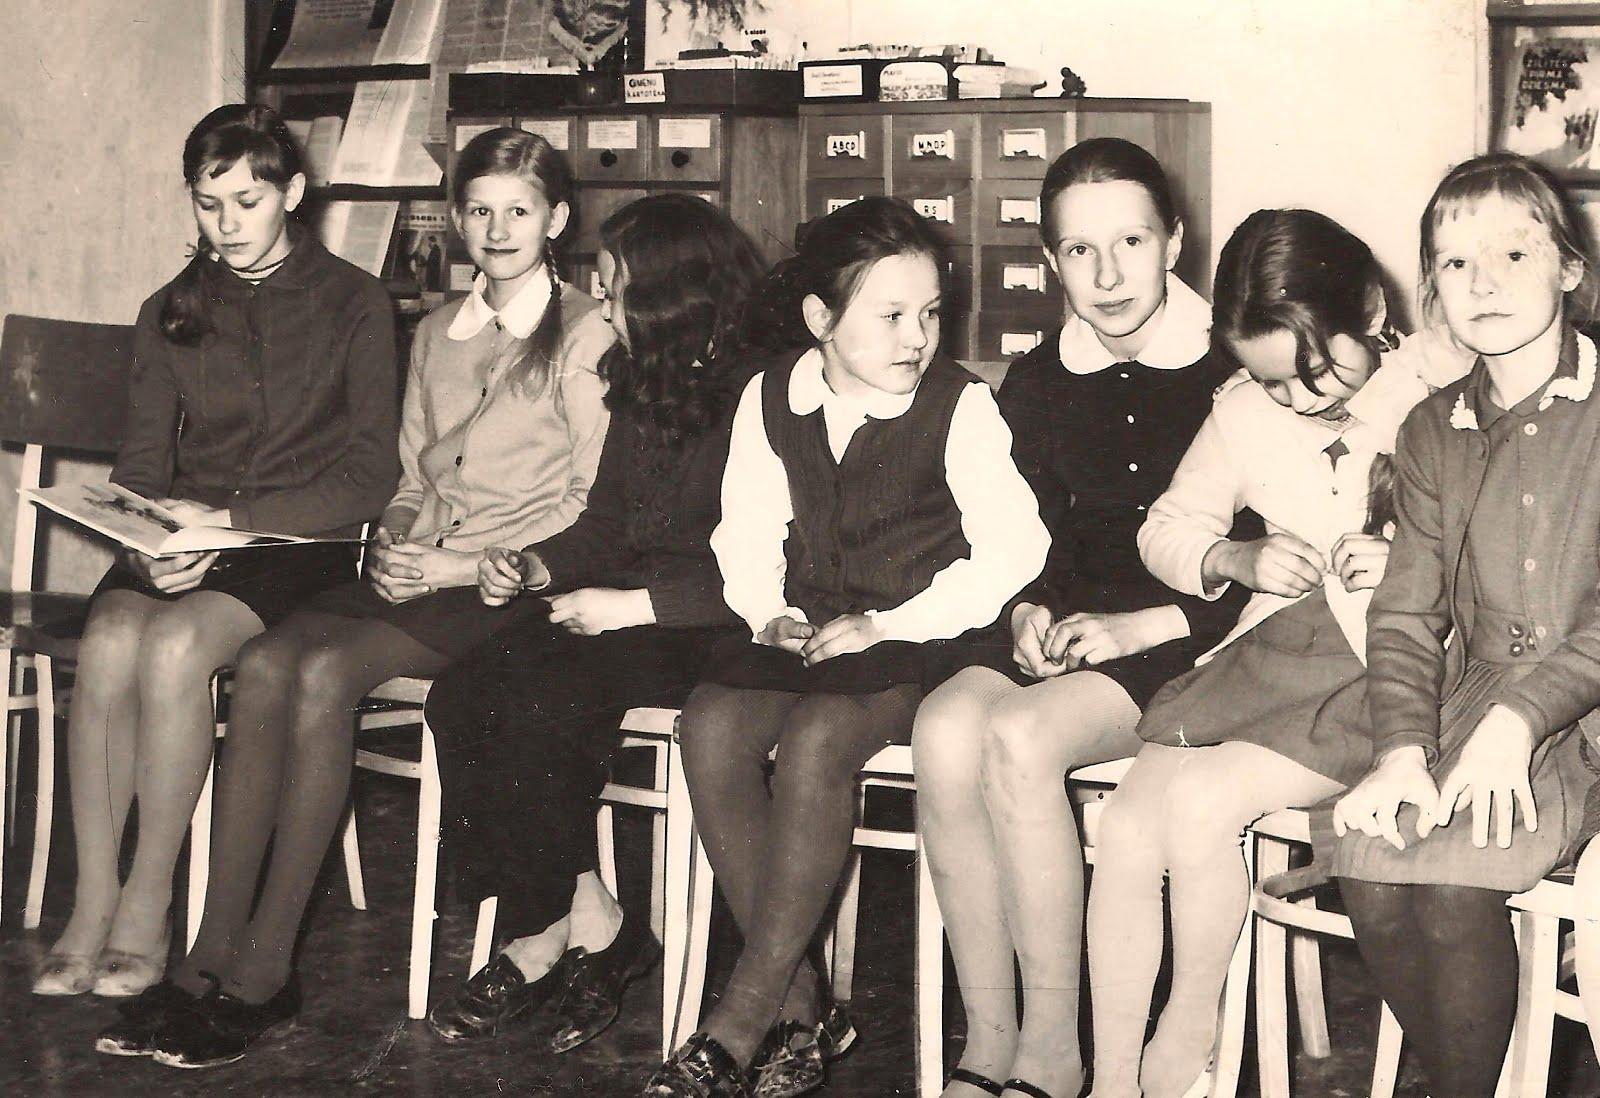 Pasākums skolēniem bibliotēkā ( 1970-tie gadi ) - 2